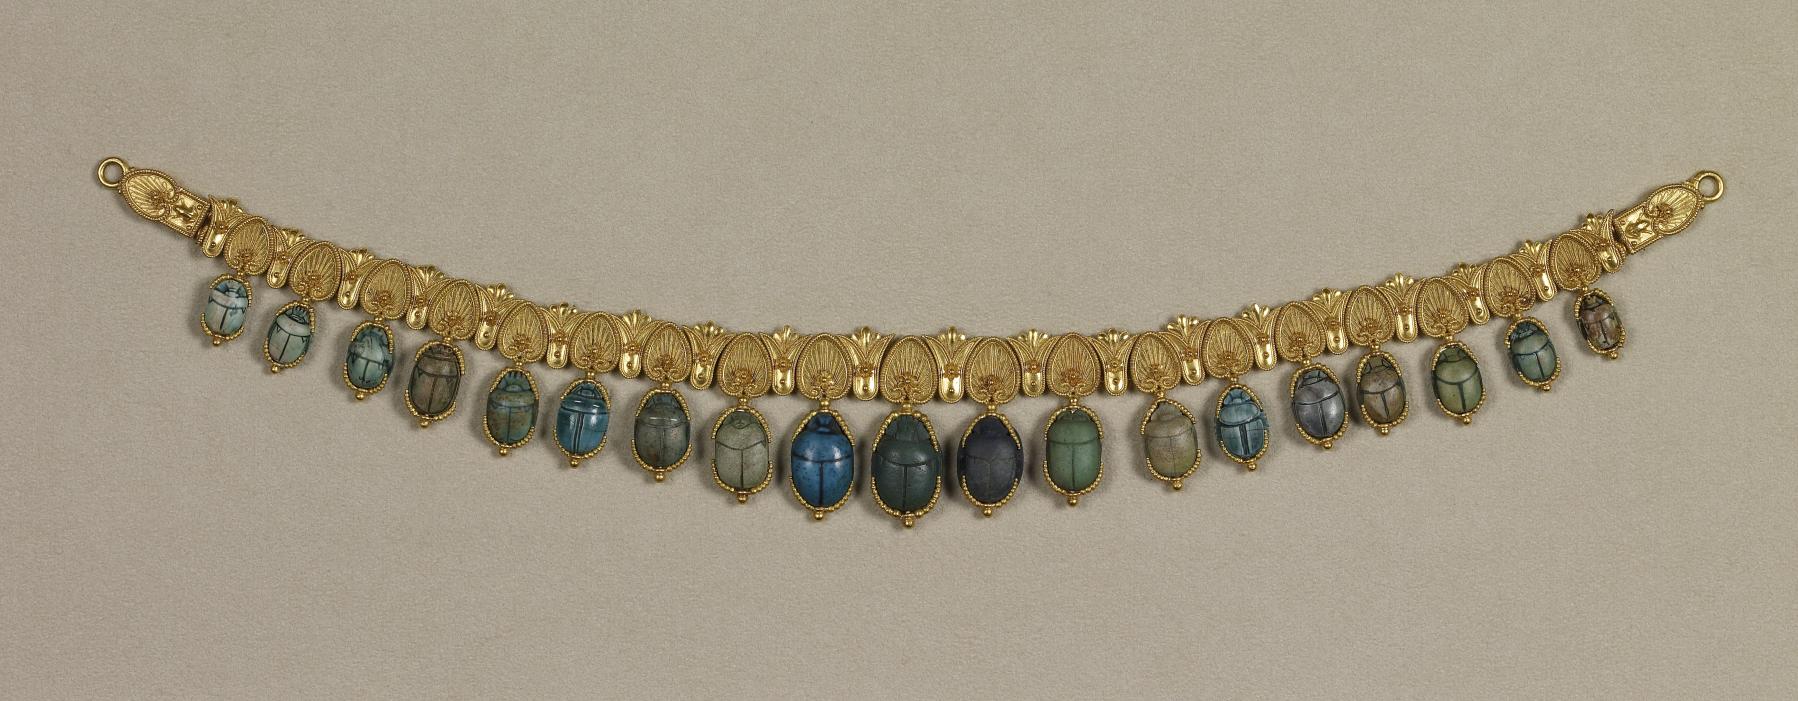 Jewelry Design School In Montreal